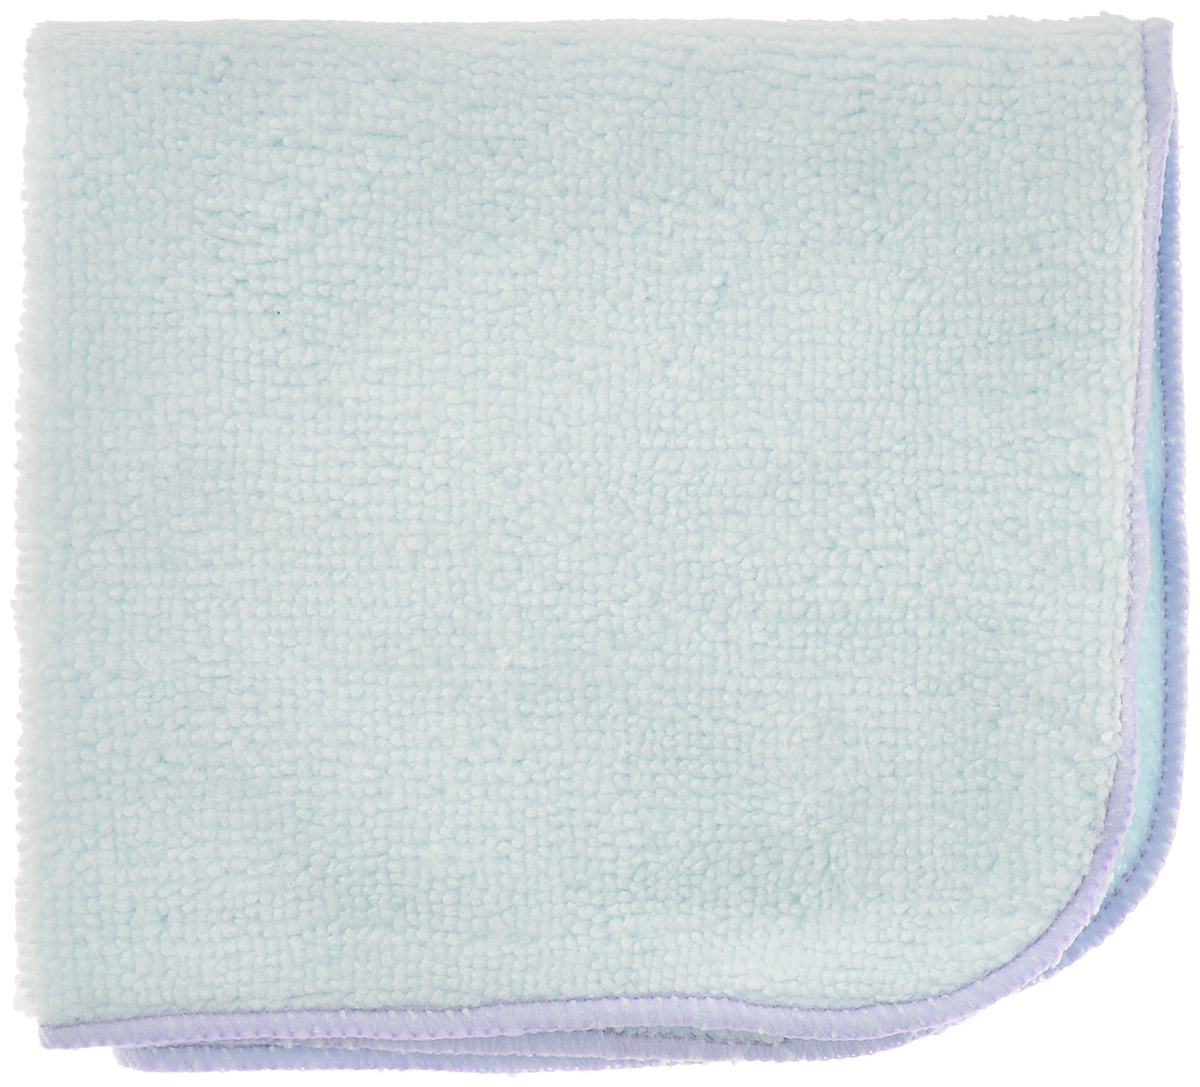 Салфетка для уборки Meule Standard, универсальная, цвет: светло-голубой, сиреневый, 25 х 25 см4607009241104Салфетка Meule Standard выполнена из высококачественной микрофибры (80% полиэстер, 20% полиамид). Изделие может использоваться как для сухой, так и для влажной уборки. Деликатно очищает любые виды поверхности, не оставляет следов и разводов. Идеально впитывает влагу, удаляет загрязнения и пыль, а также подходит для протирки полированной мебели. Сохраняет свои свойства после стирки.